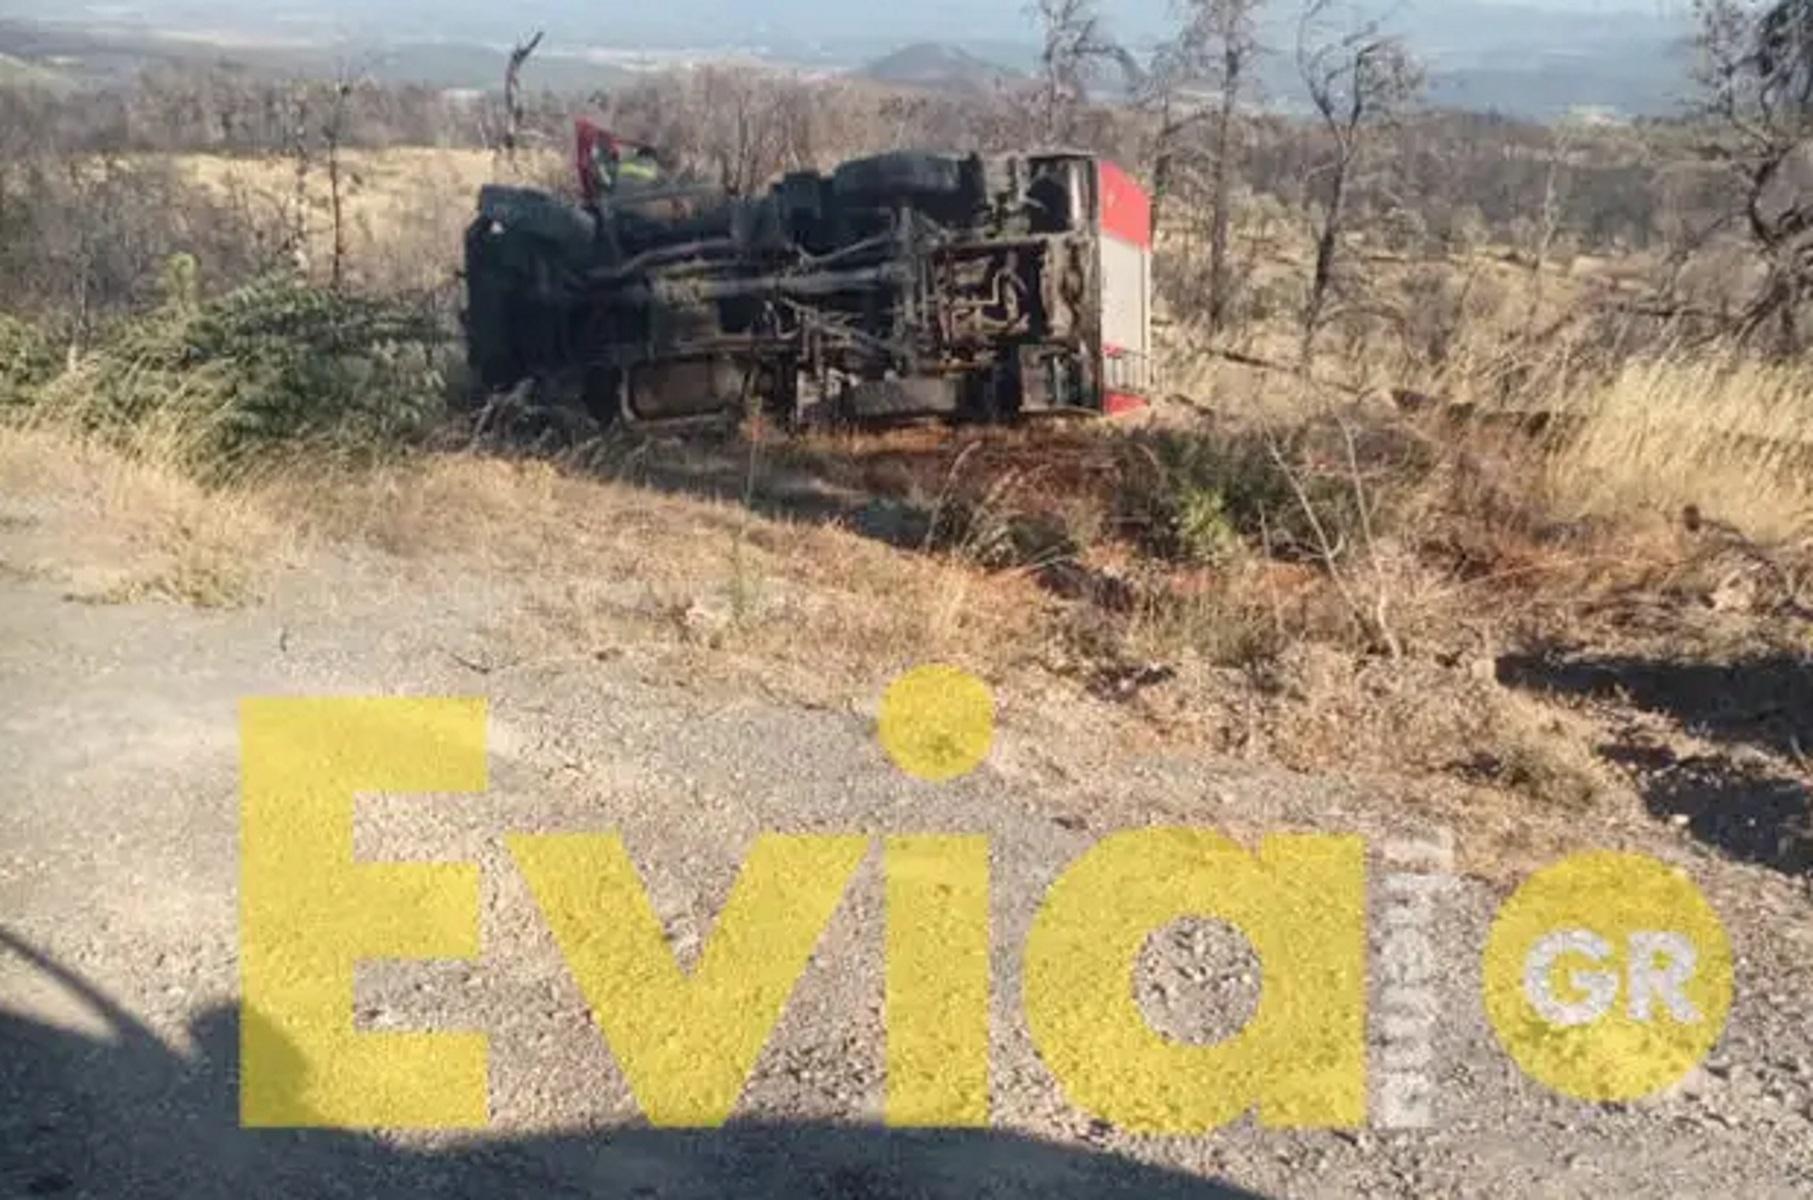 Φωτιά στην Εύβοια: Ανατράπηκε πυροσβεστικό και τραυματίστηκε πυροσβέστης (video)